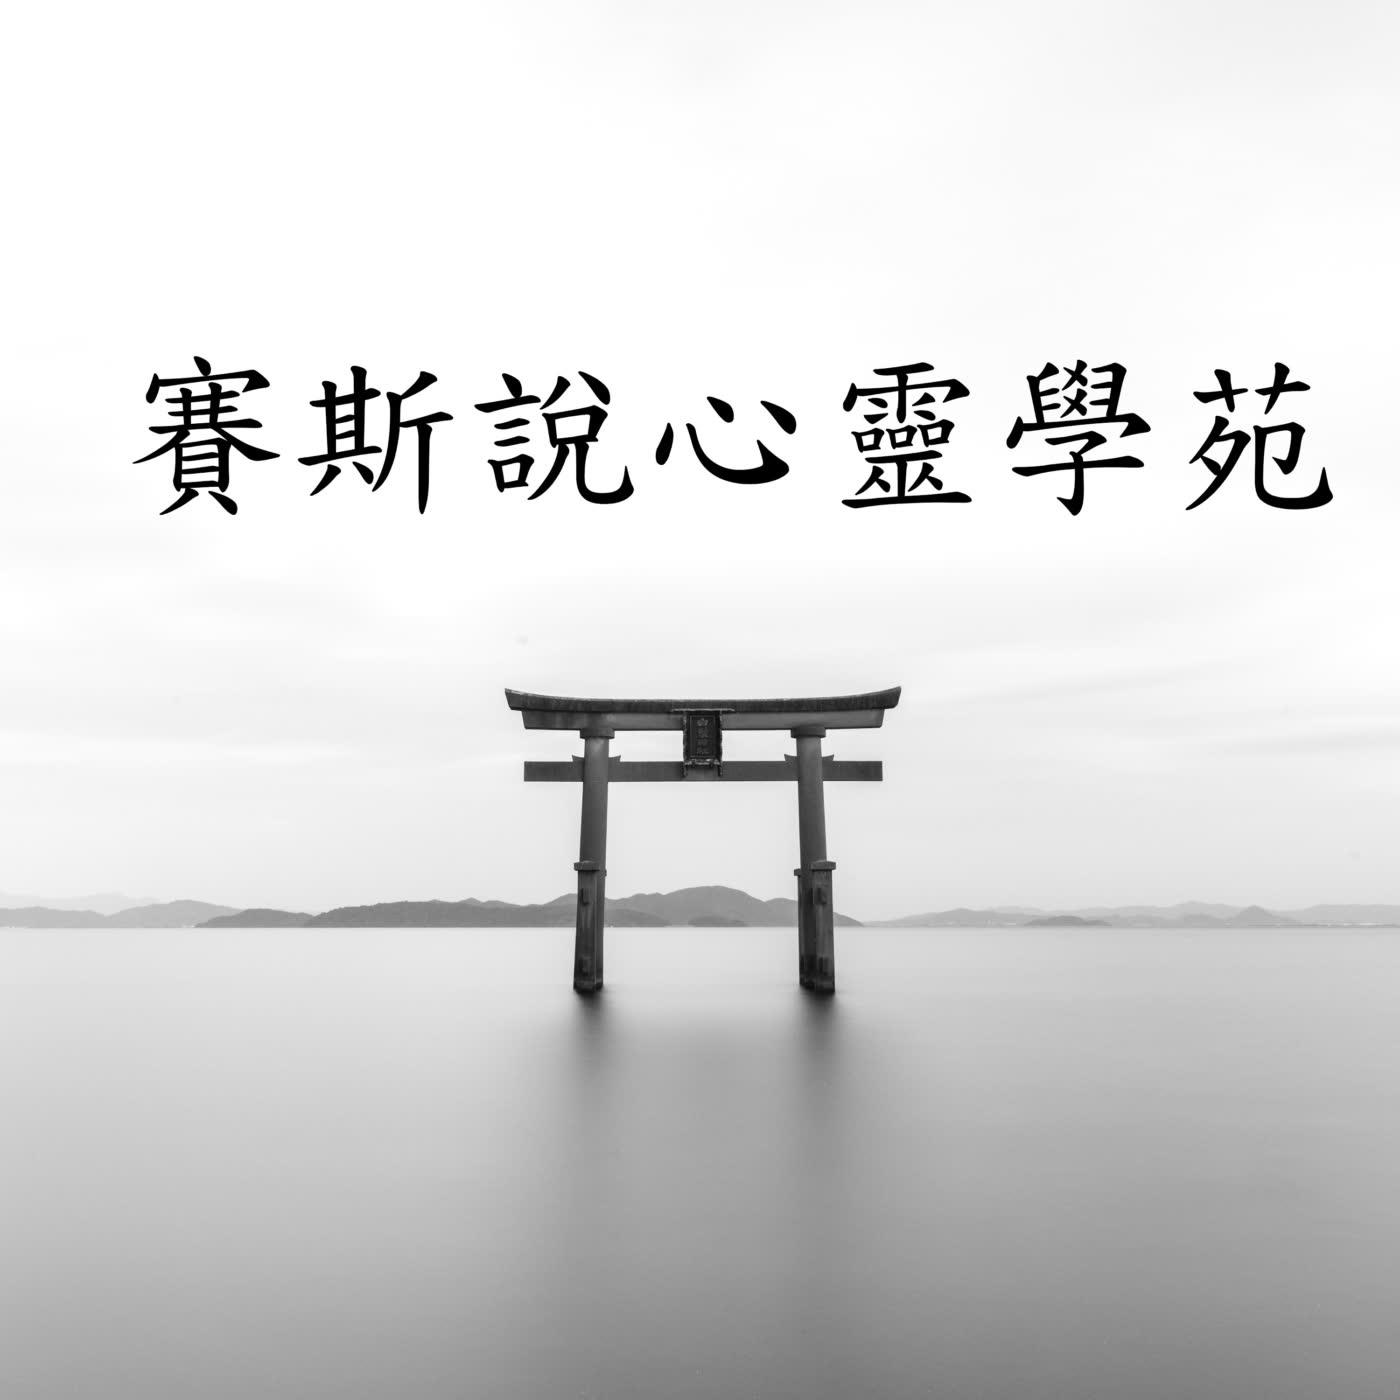 帶天命的乩童 /賽斯知識/宗教/修行